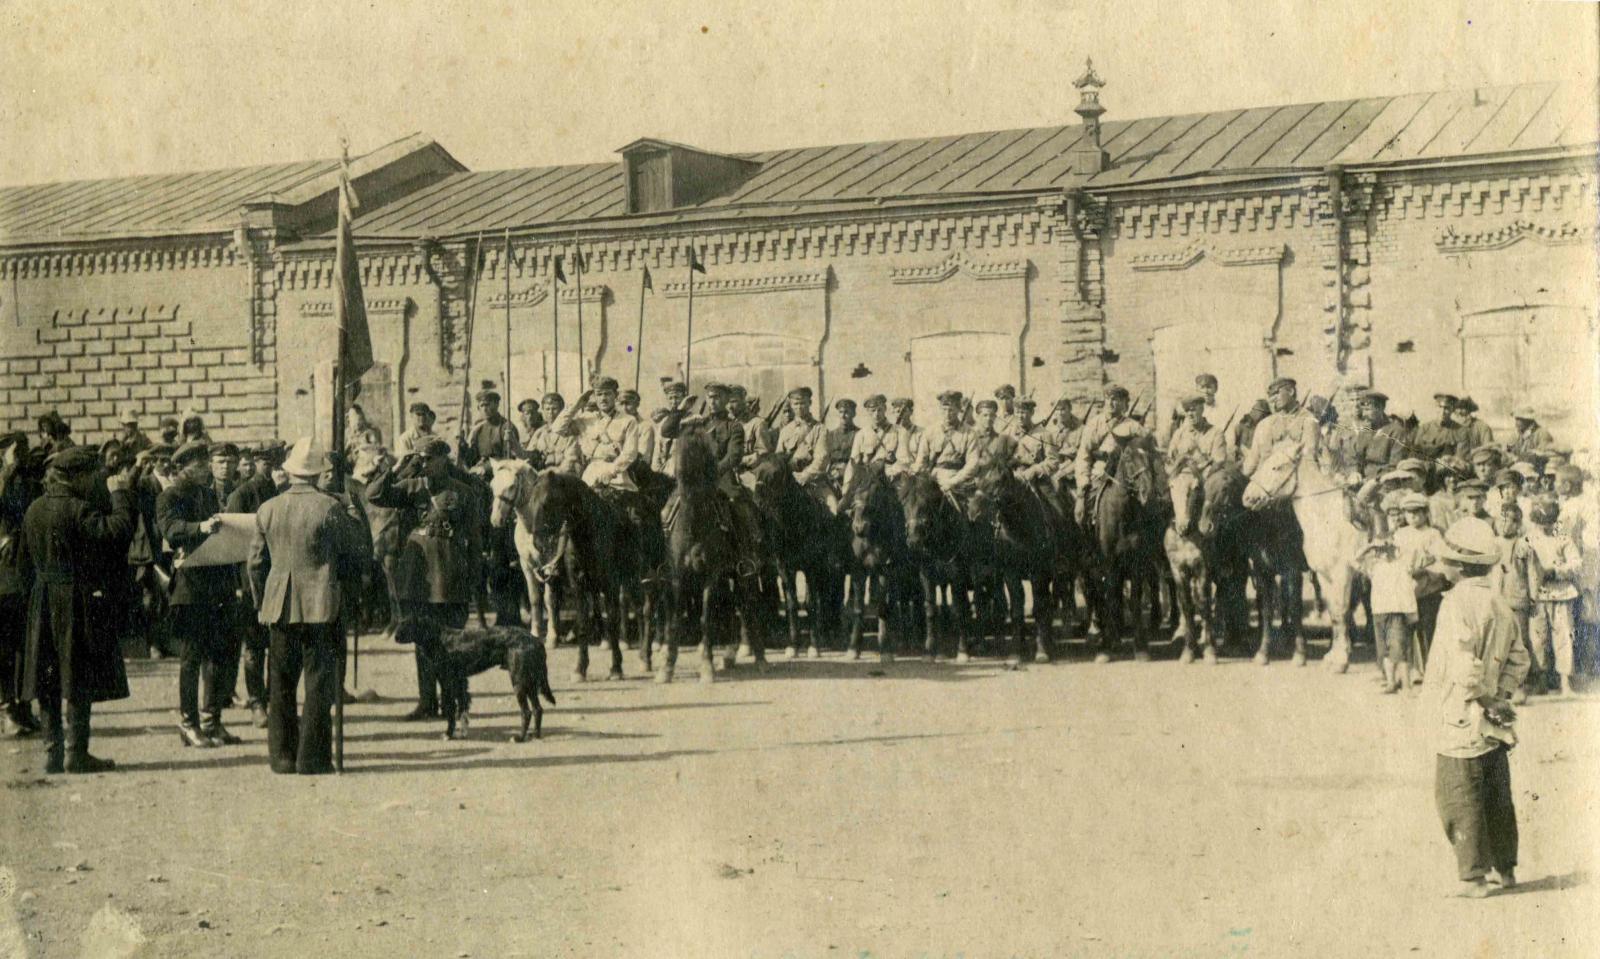 1925. Снимок парада Управления 50-го Зайсанского кавалерийского пограничного отряда ОГПУ в день принятия над ним шефства Зайсанскими профсоюзами